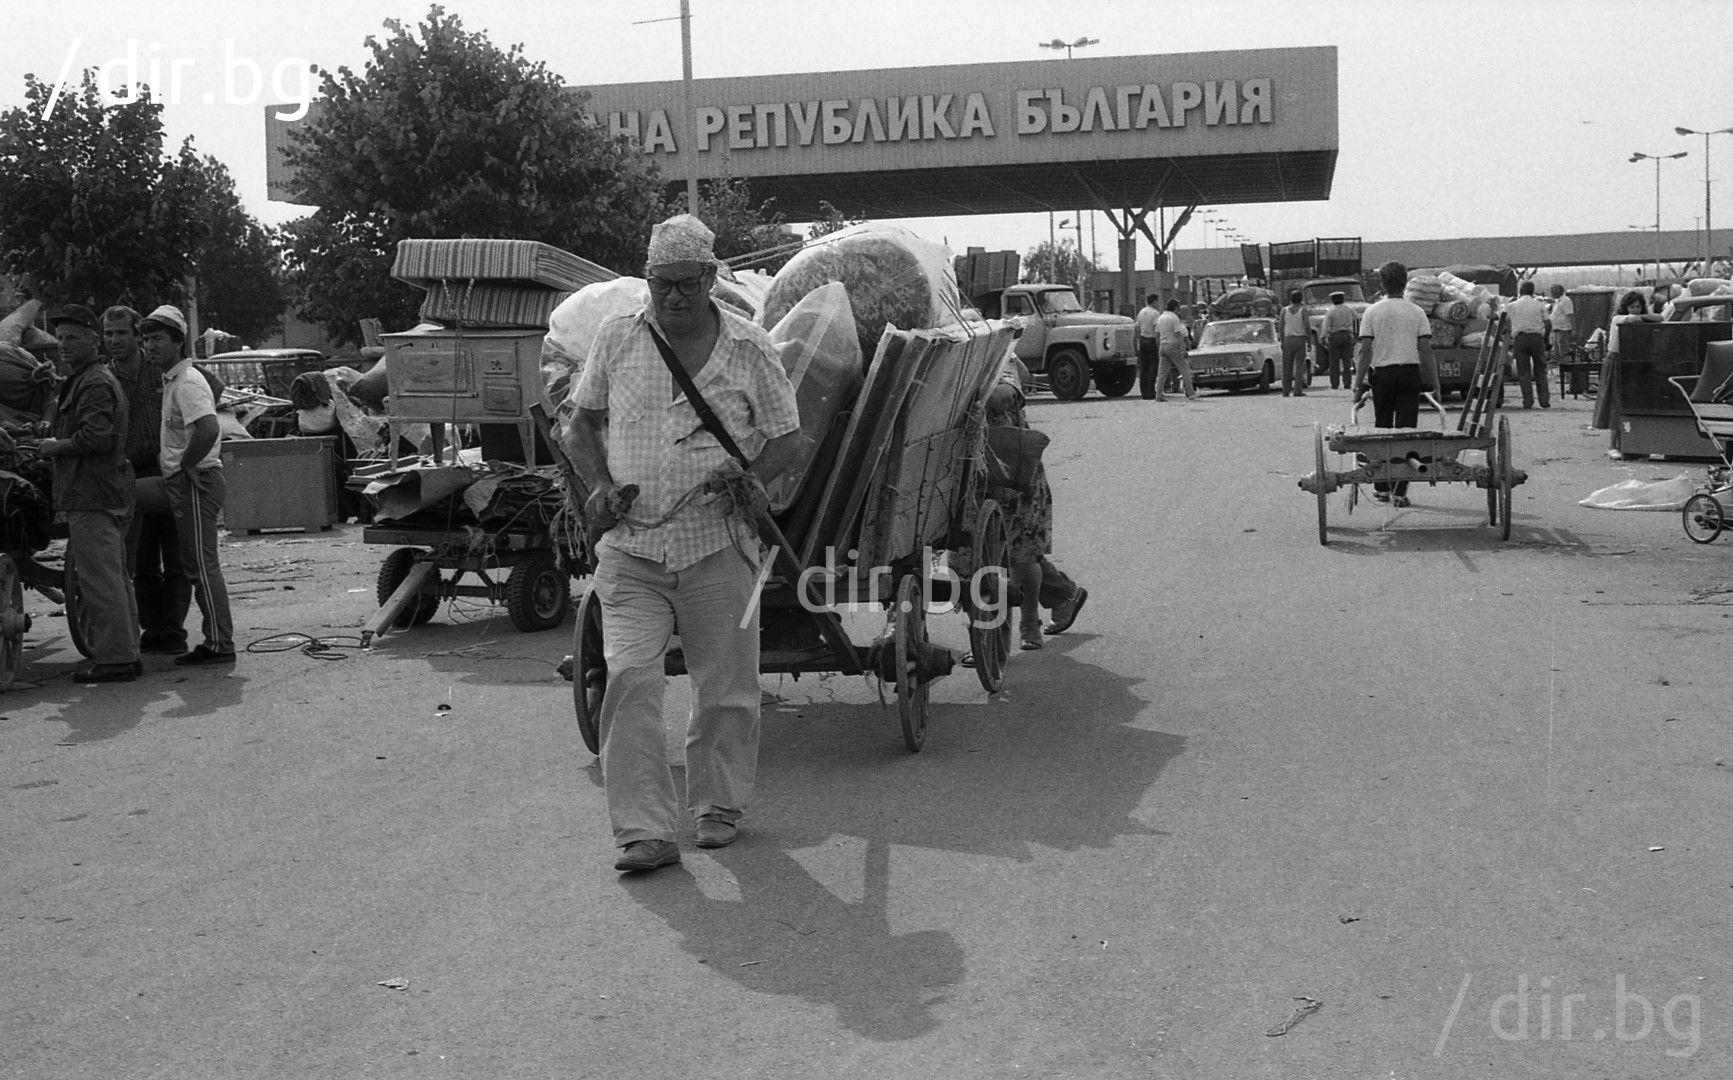 Голямата екскурзия. Капитан Андреево, 1989 г.